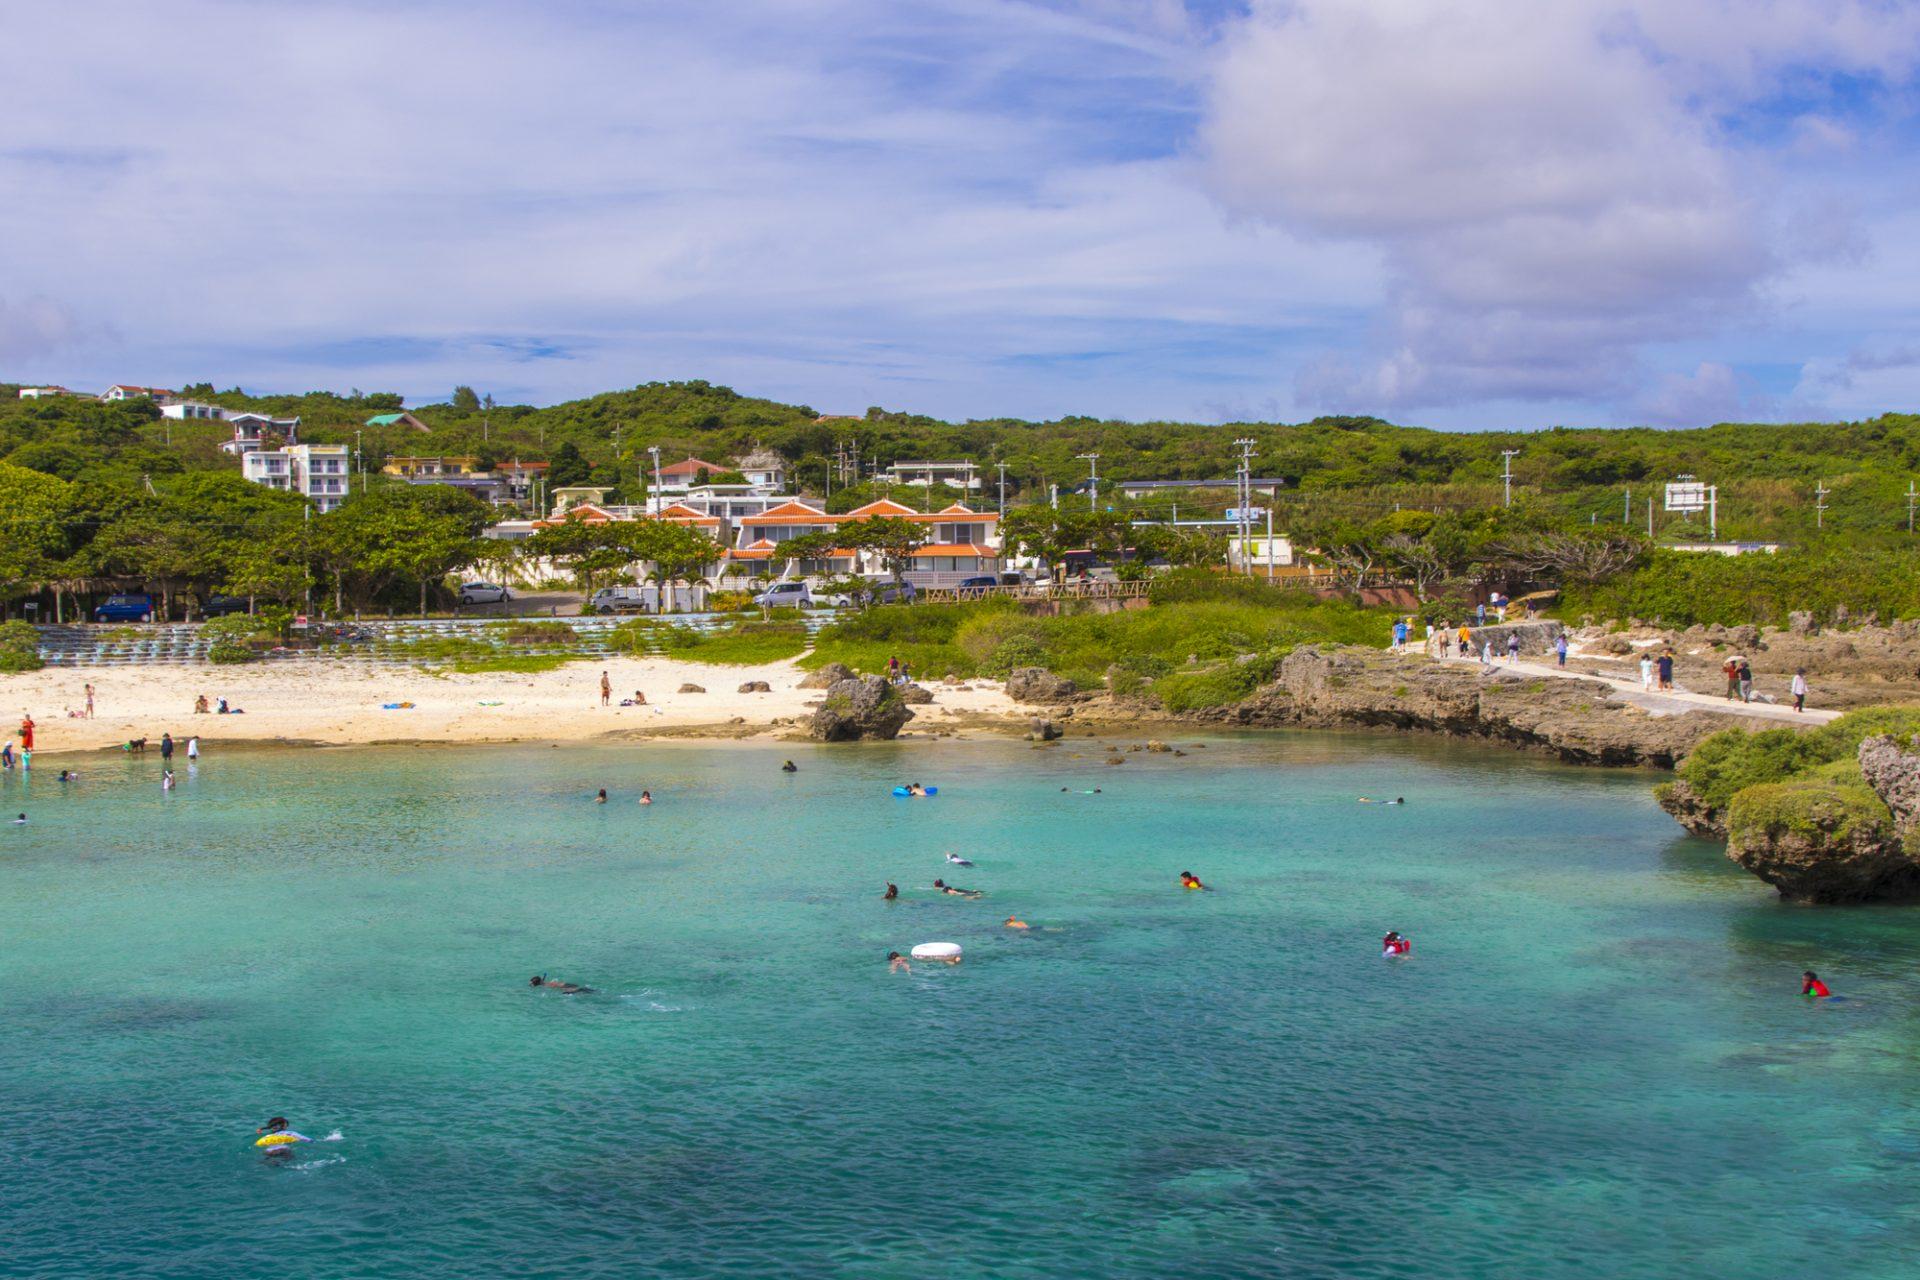 イムギャーマリンガーデン 宮古島 観光 スポット おすすめ 沖縄 旅行